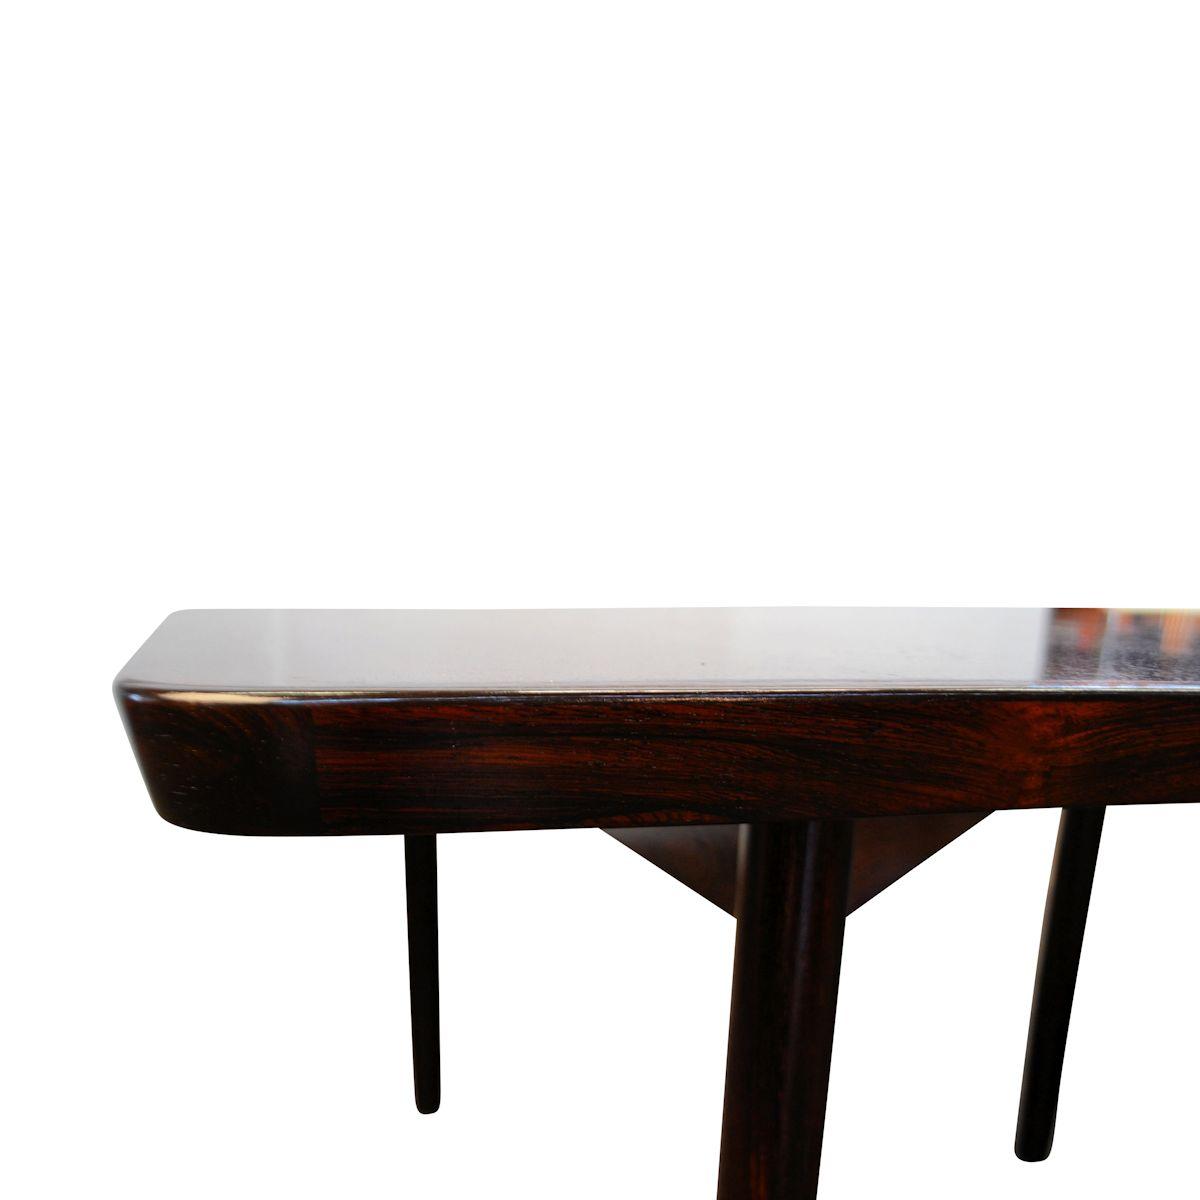 Vintage Rosewood Dining Conference Table By Arne Vodder